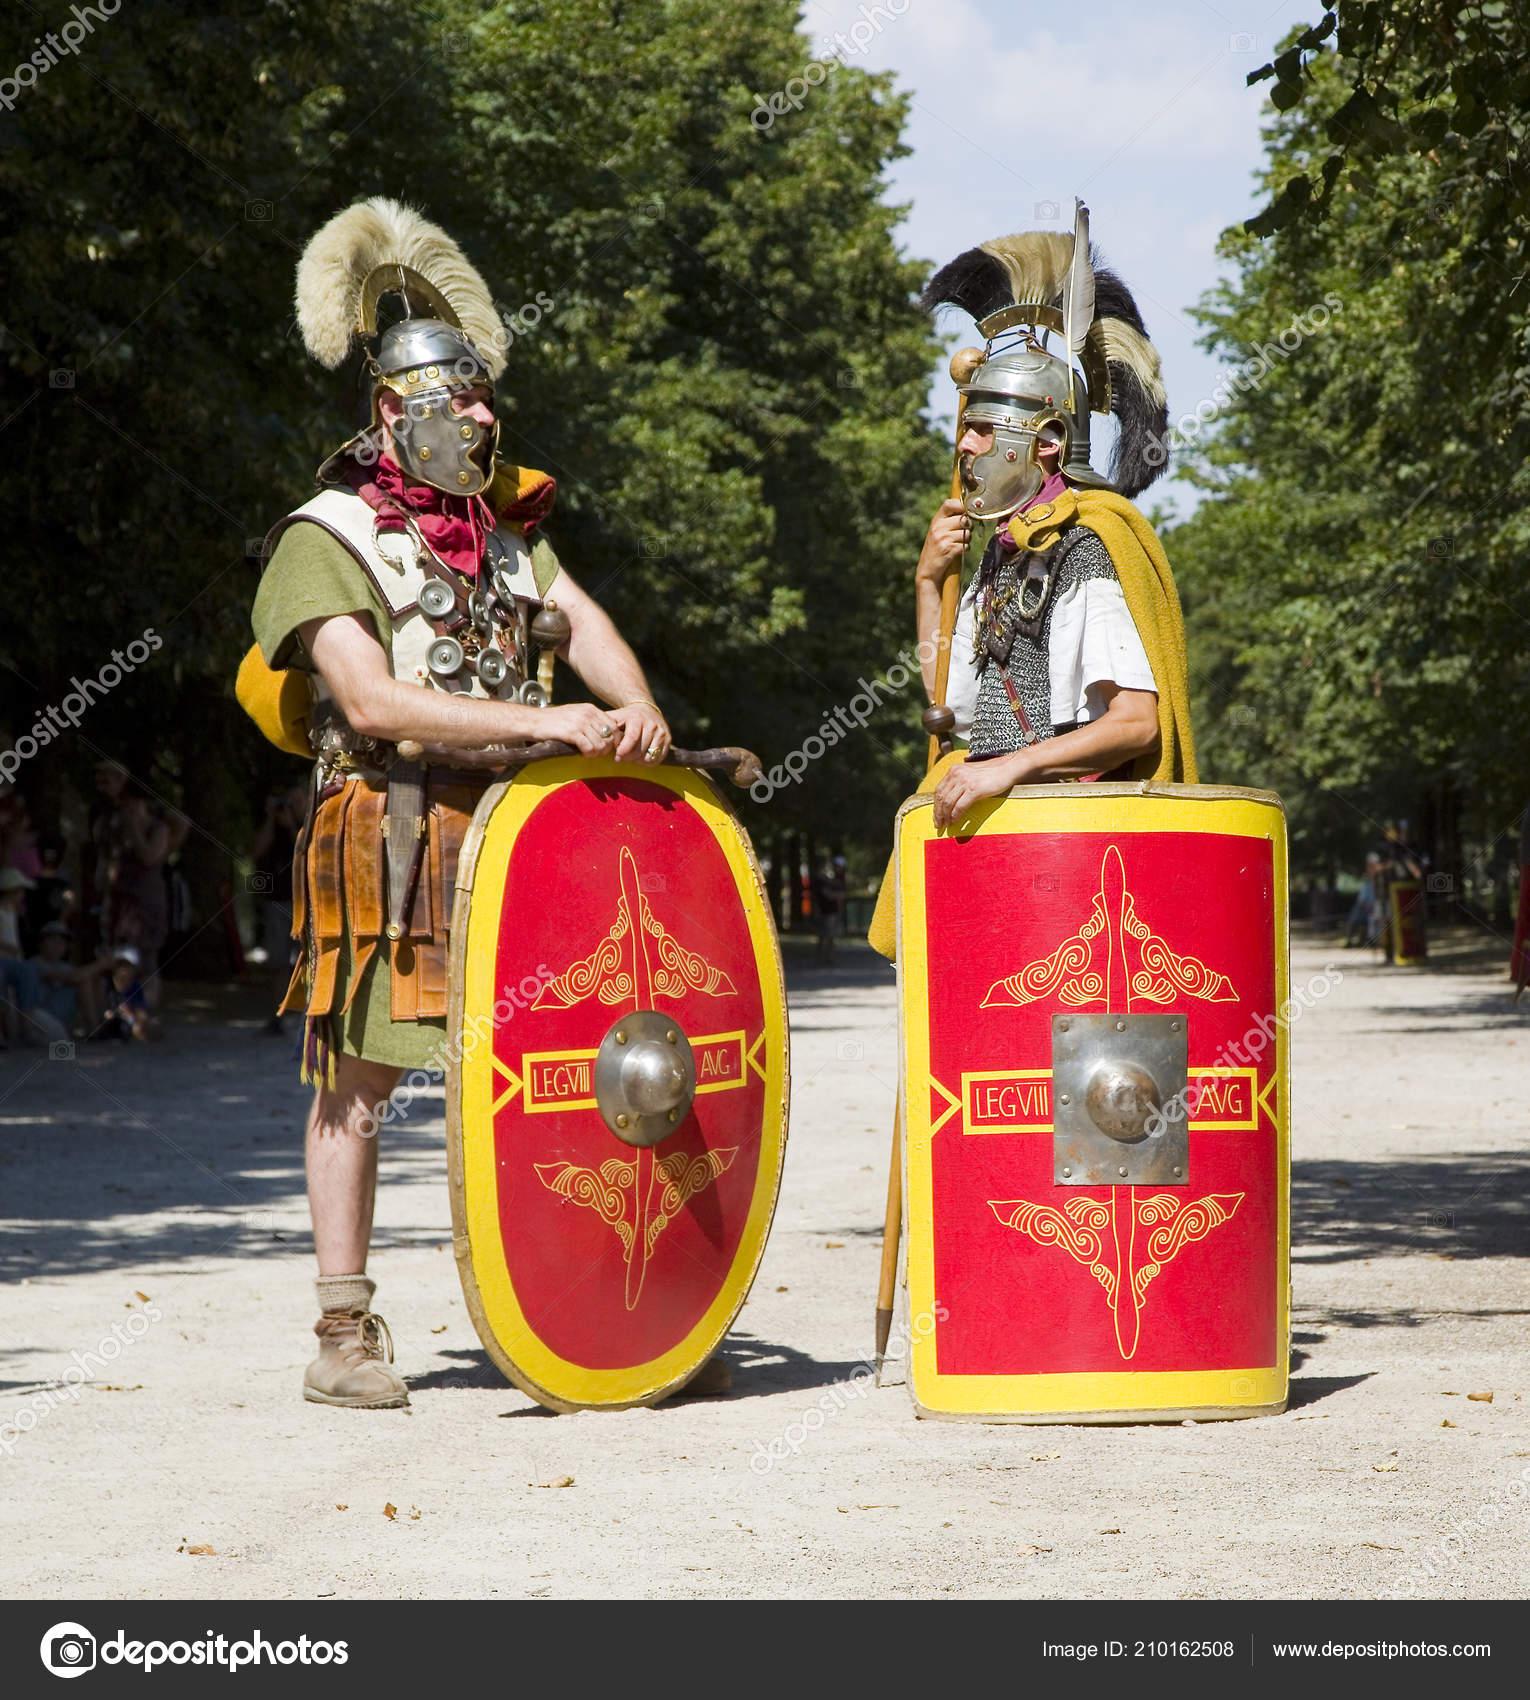 146cd5a3 Roman Spektakl Autun Gladiatorów Legioniści Sierpnia 2018 Autun Burgundii  Francji — Zdjęcie stockowe